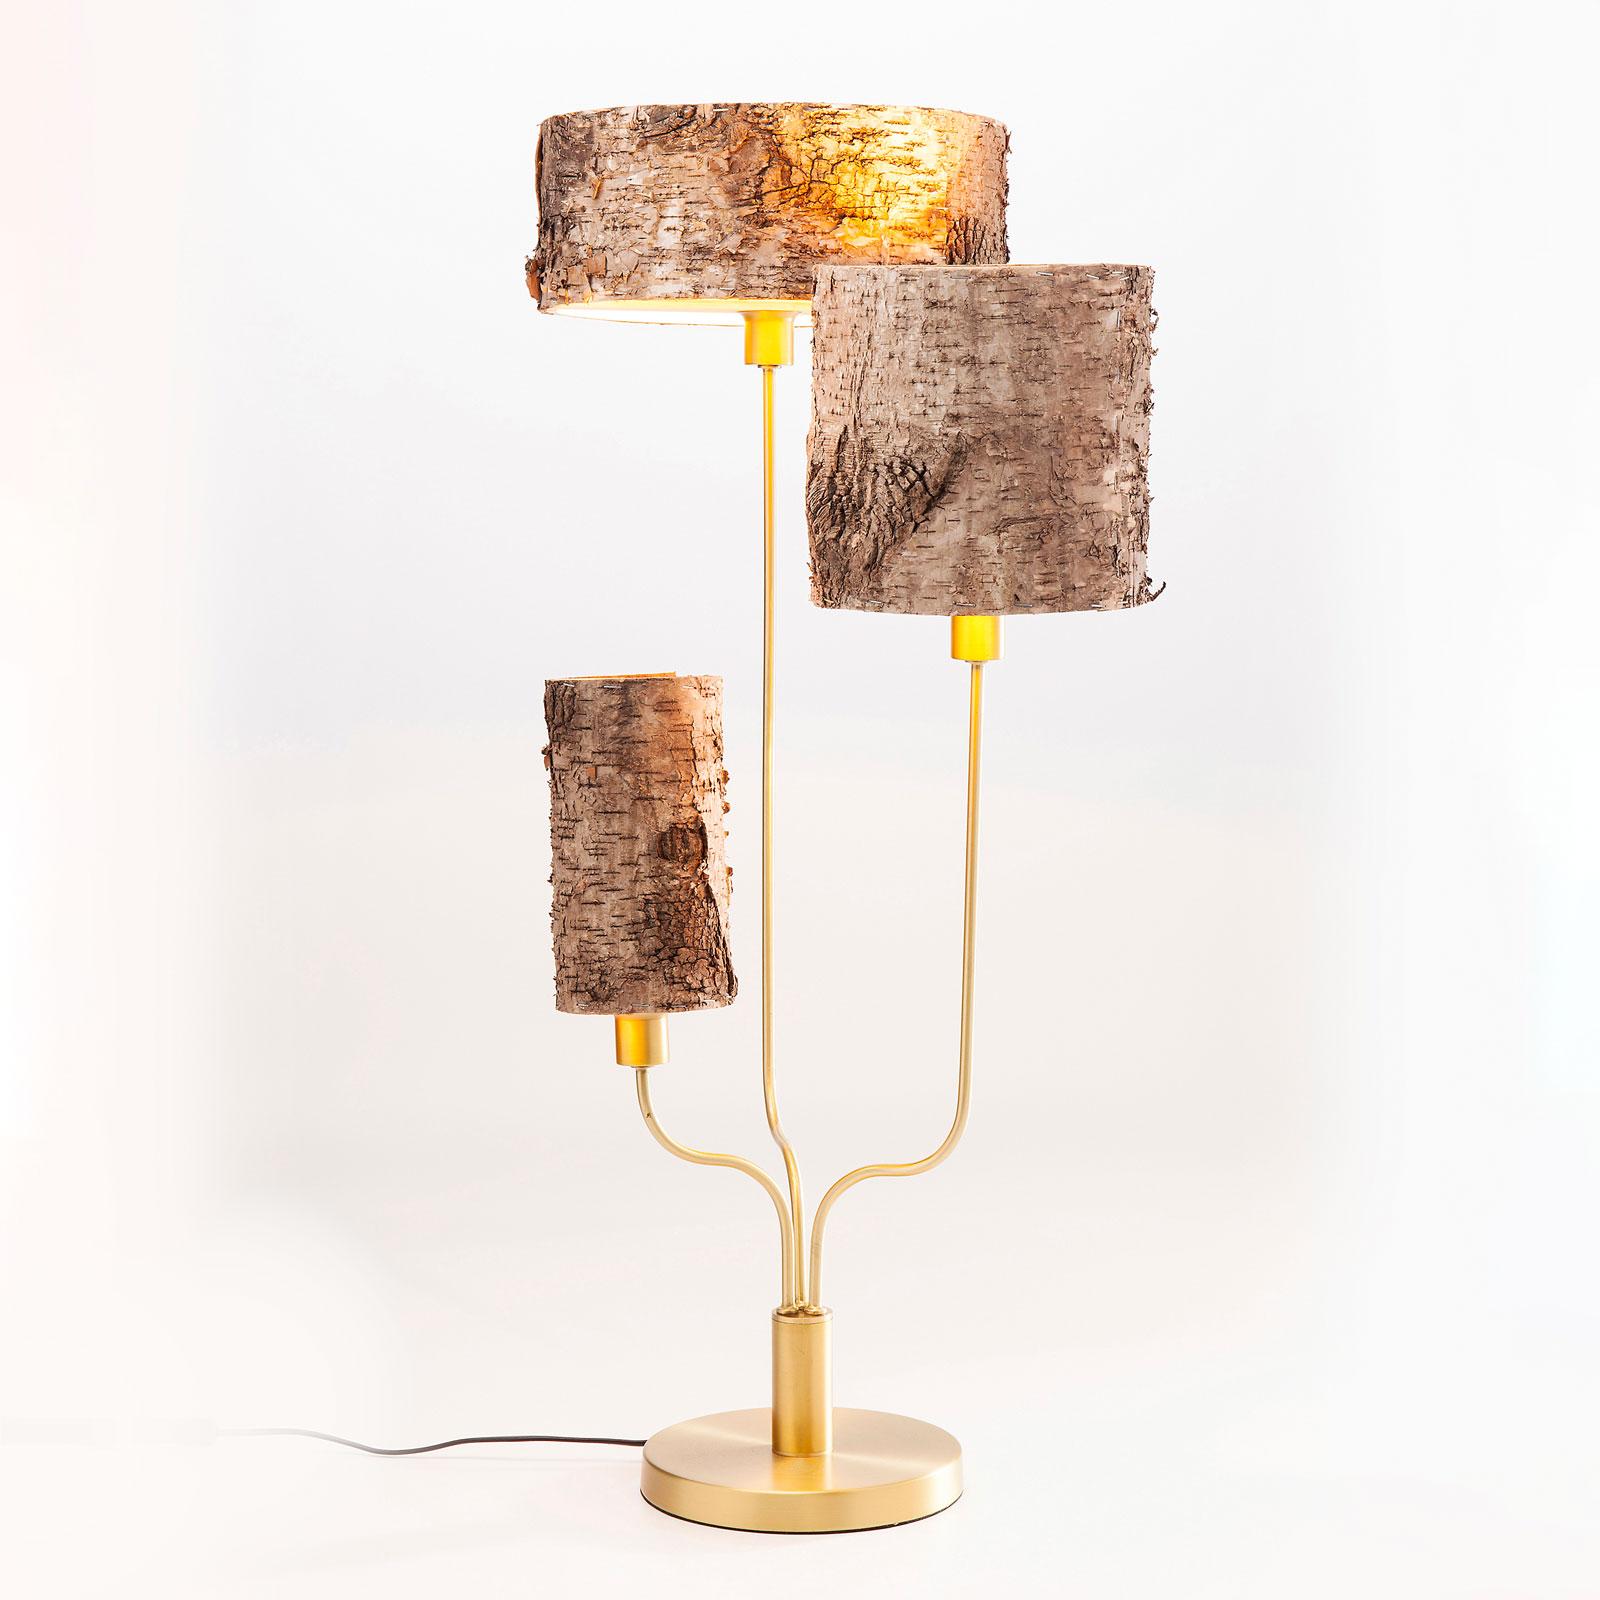 KARE Corteccia tafellamp met berkenschors